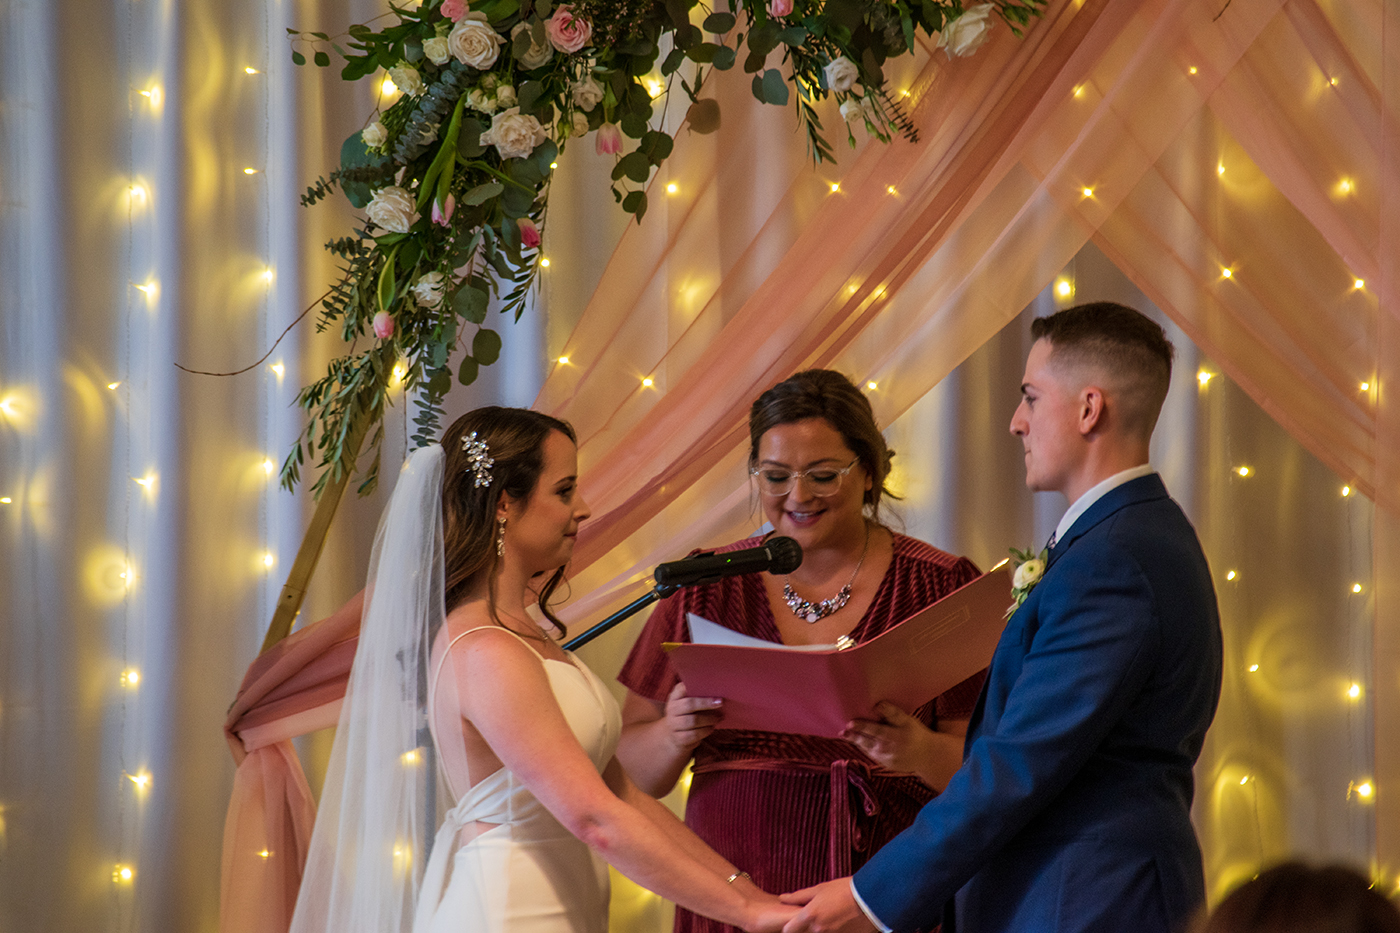 Goulden Wedding | Rochester DJ | Wedding Entertainment | The Ballroom at Carey Lake